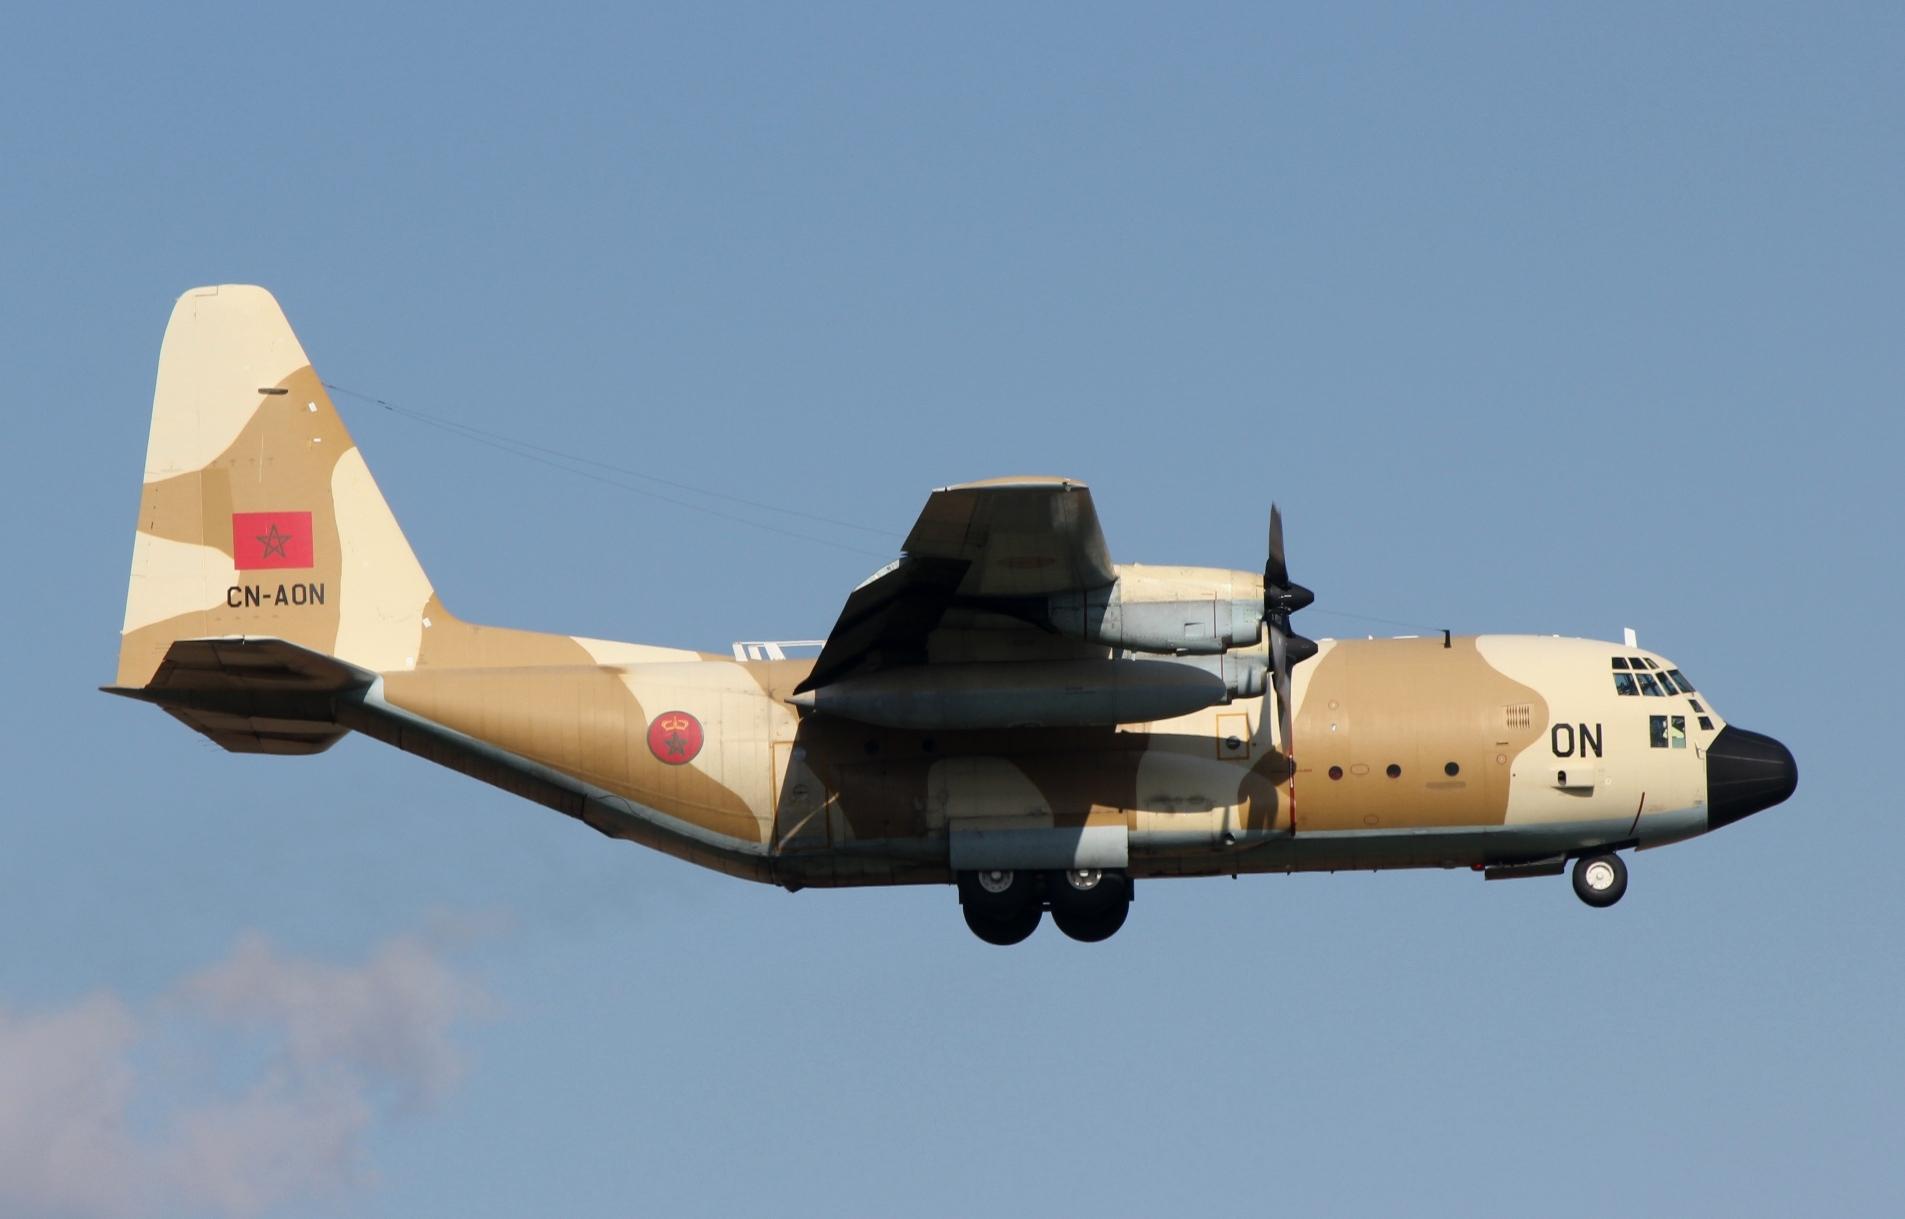 FRA: Photos d'avions de transport - Page 31 33322621340_75d5e1b505_o